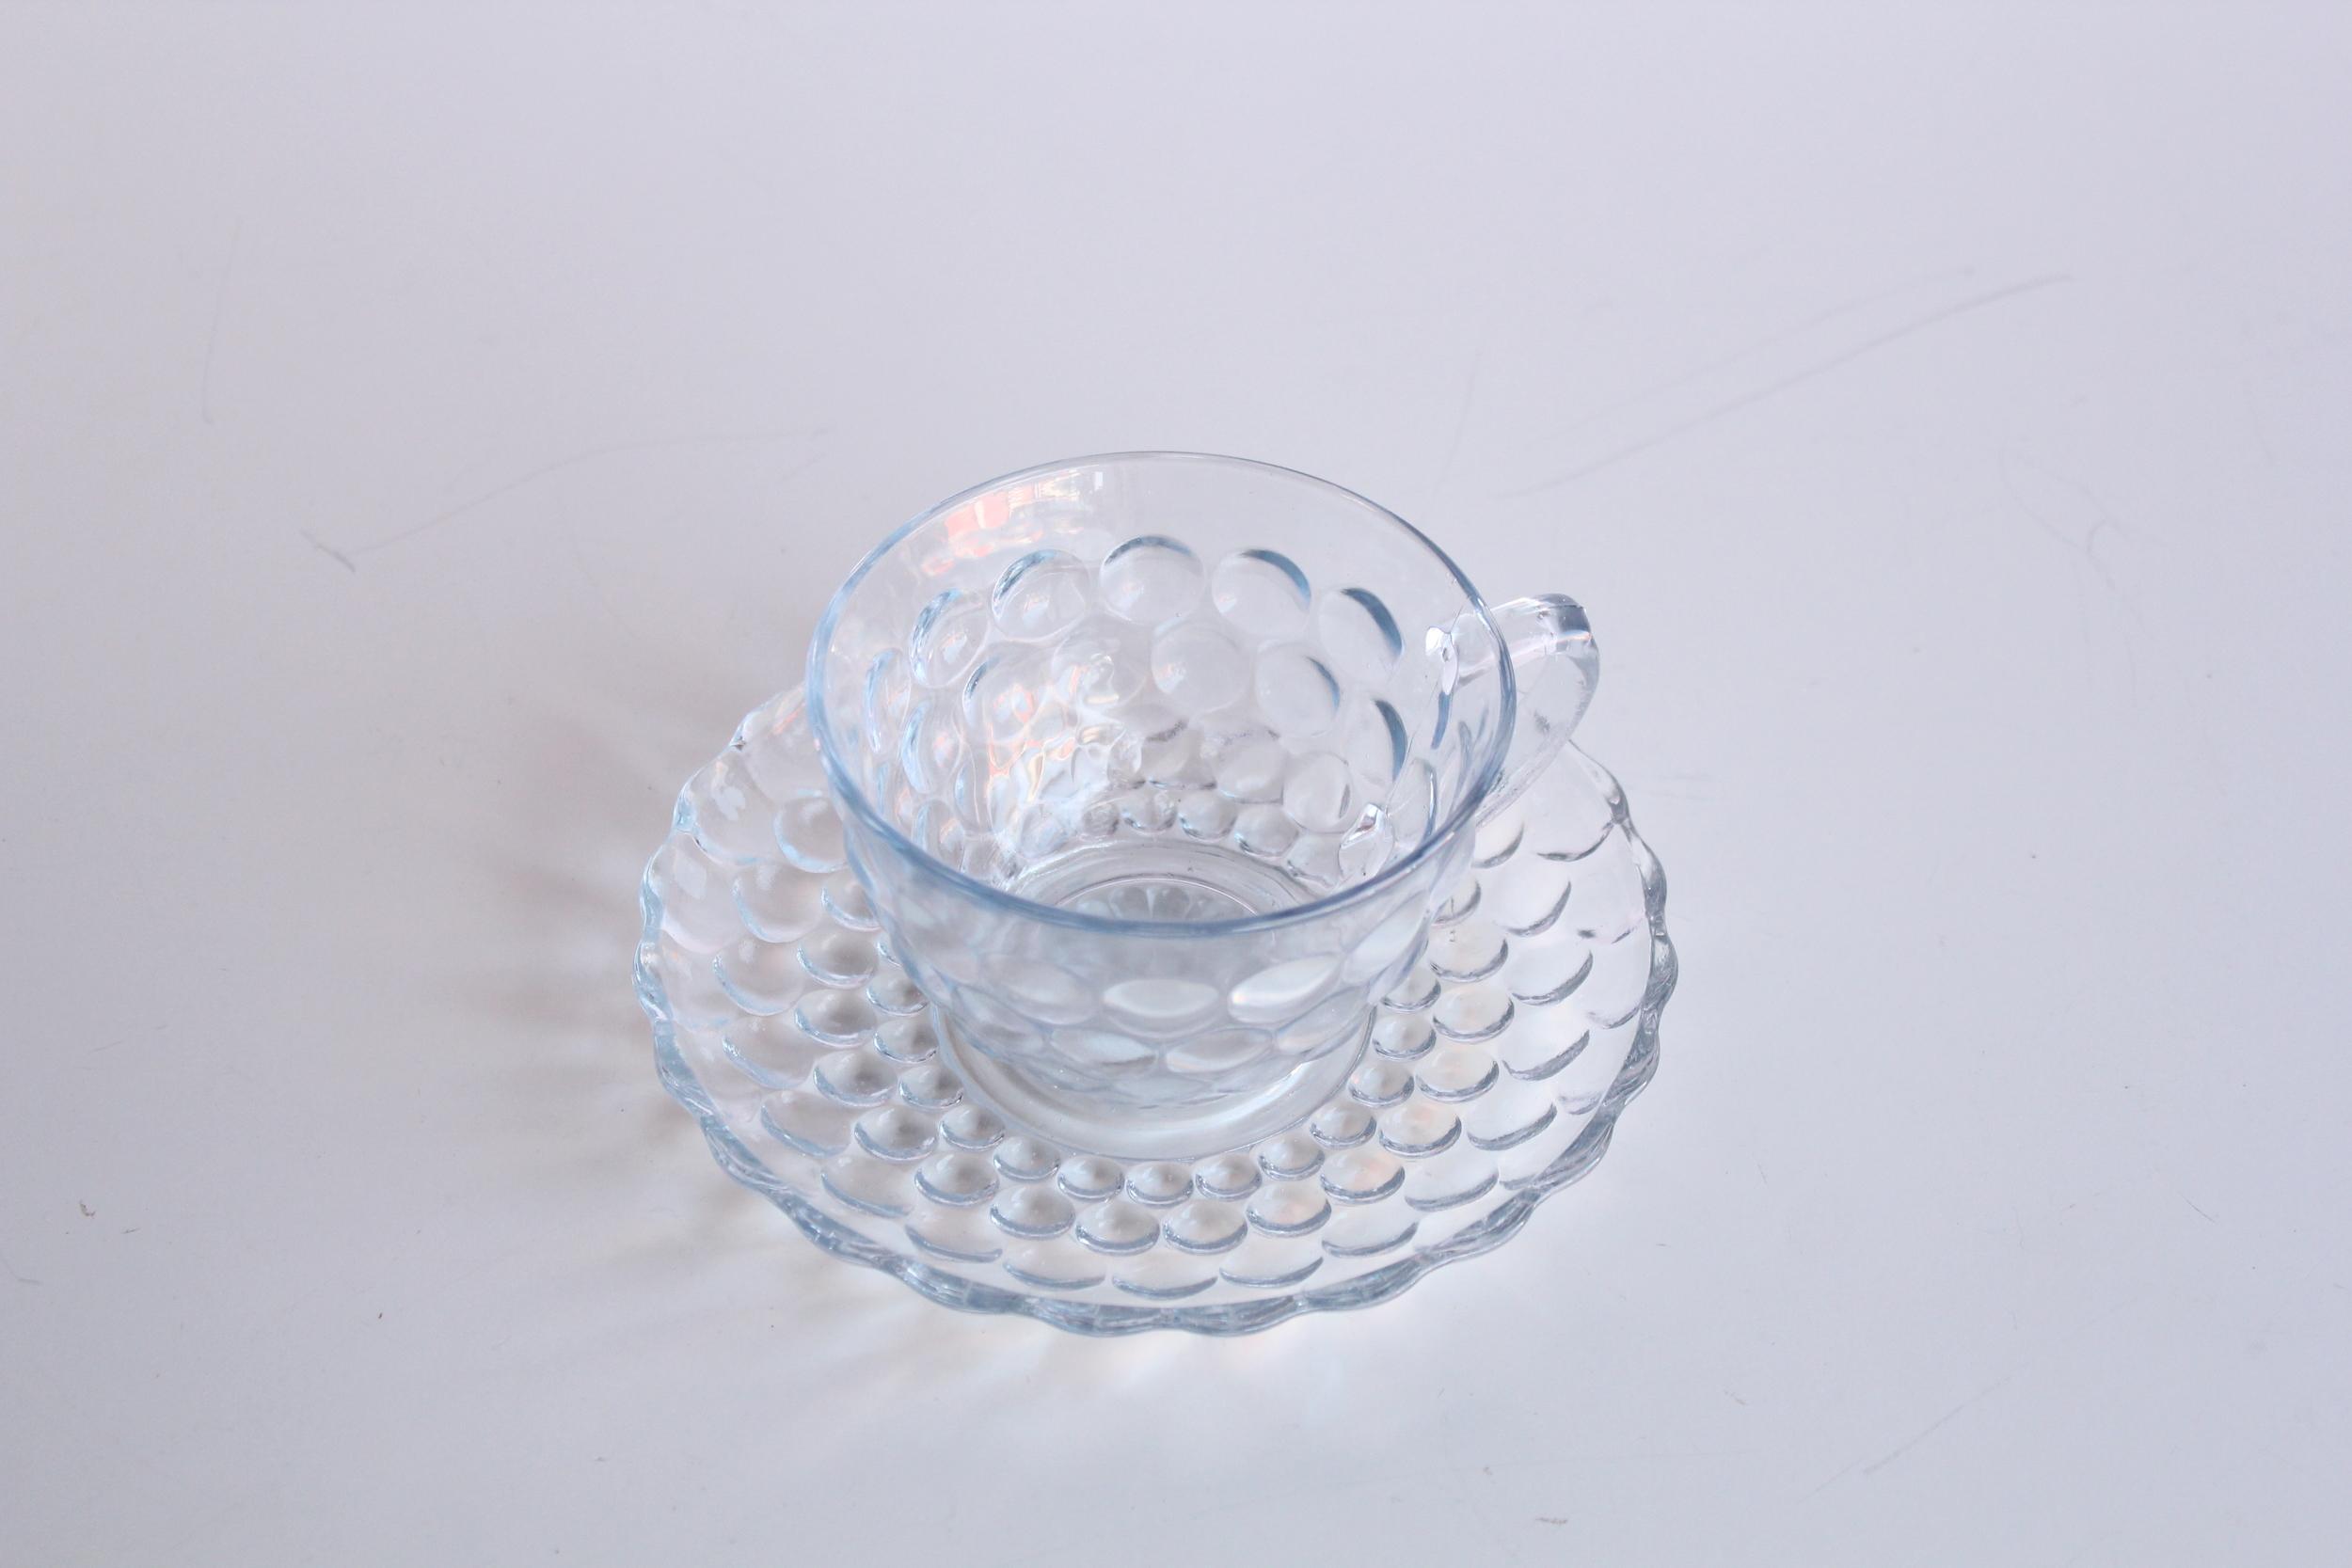 Blue Bubble Tea Cup